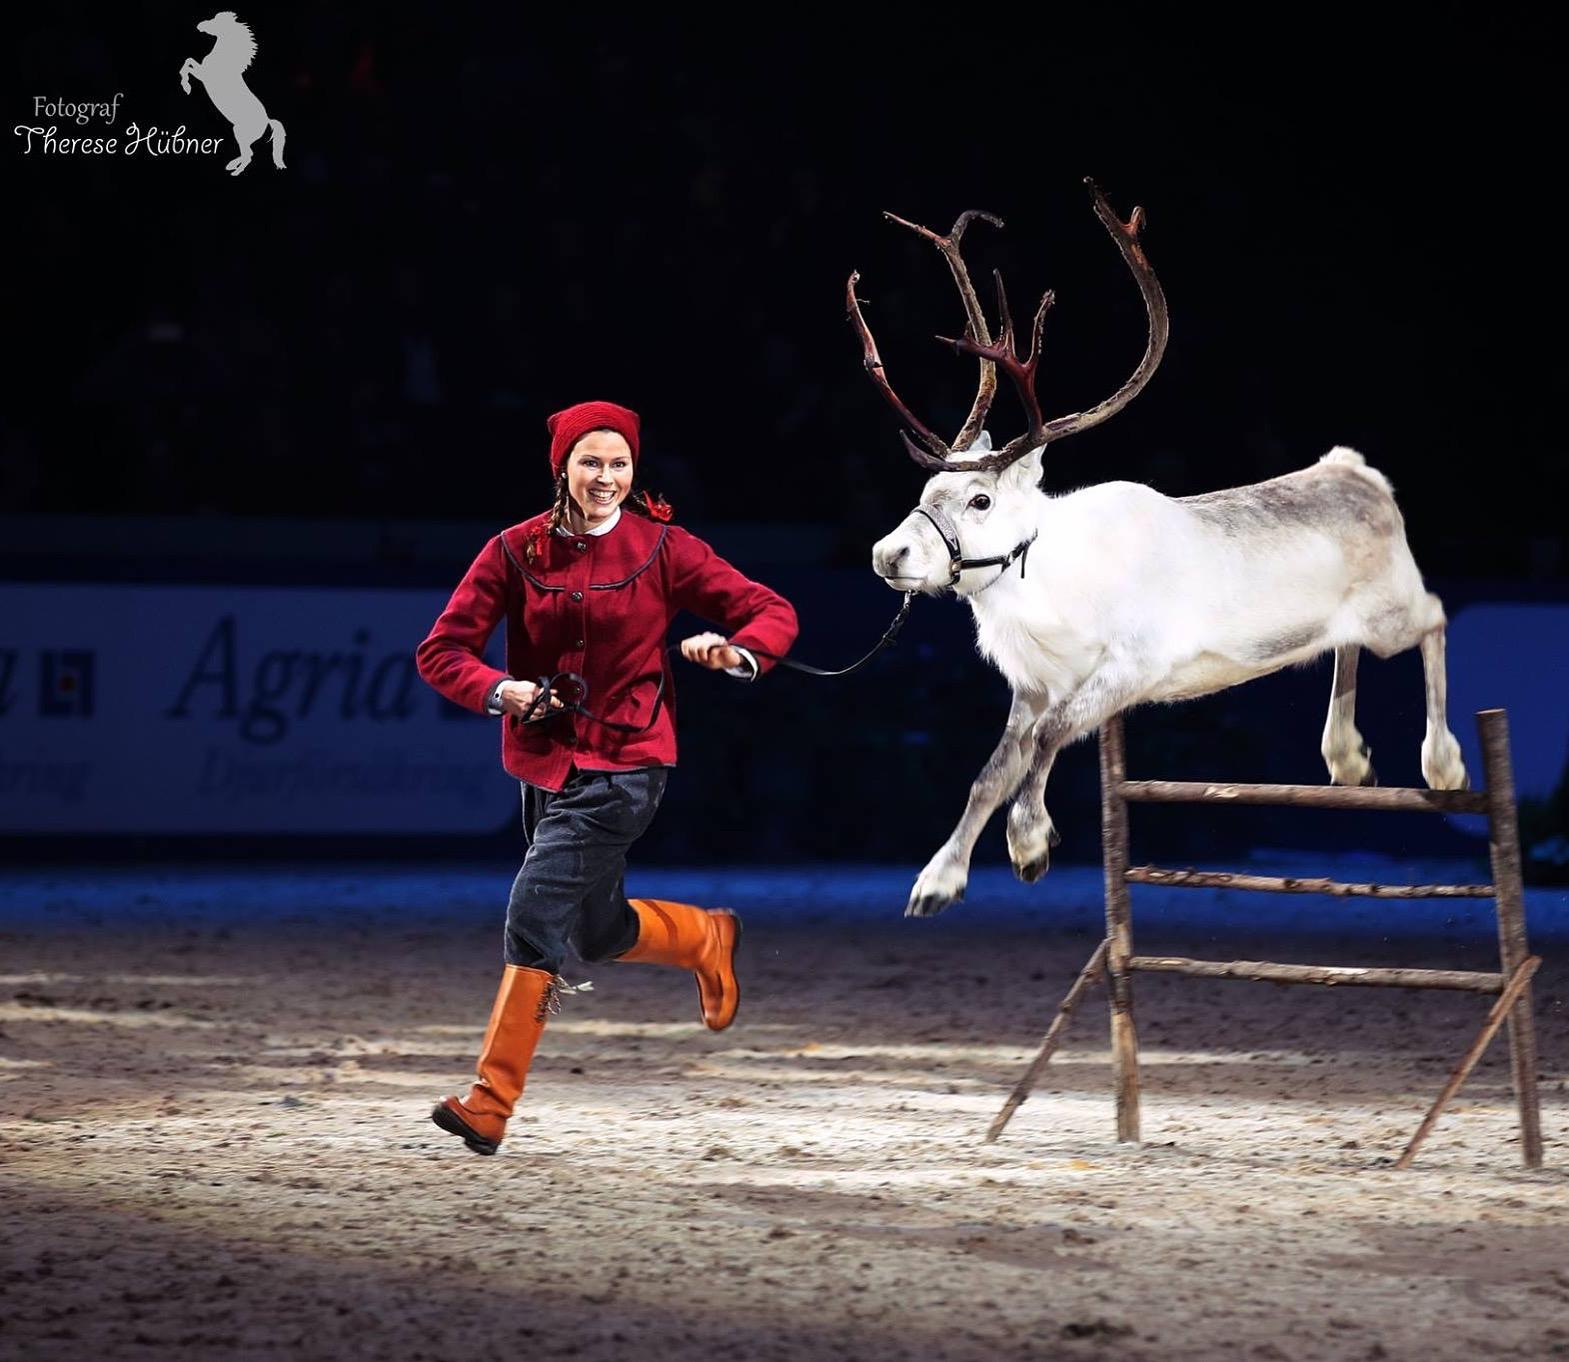 Frost från Renranchen, på Sweden Horse Show 2015